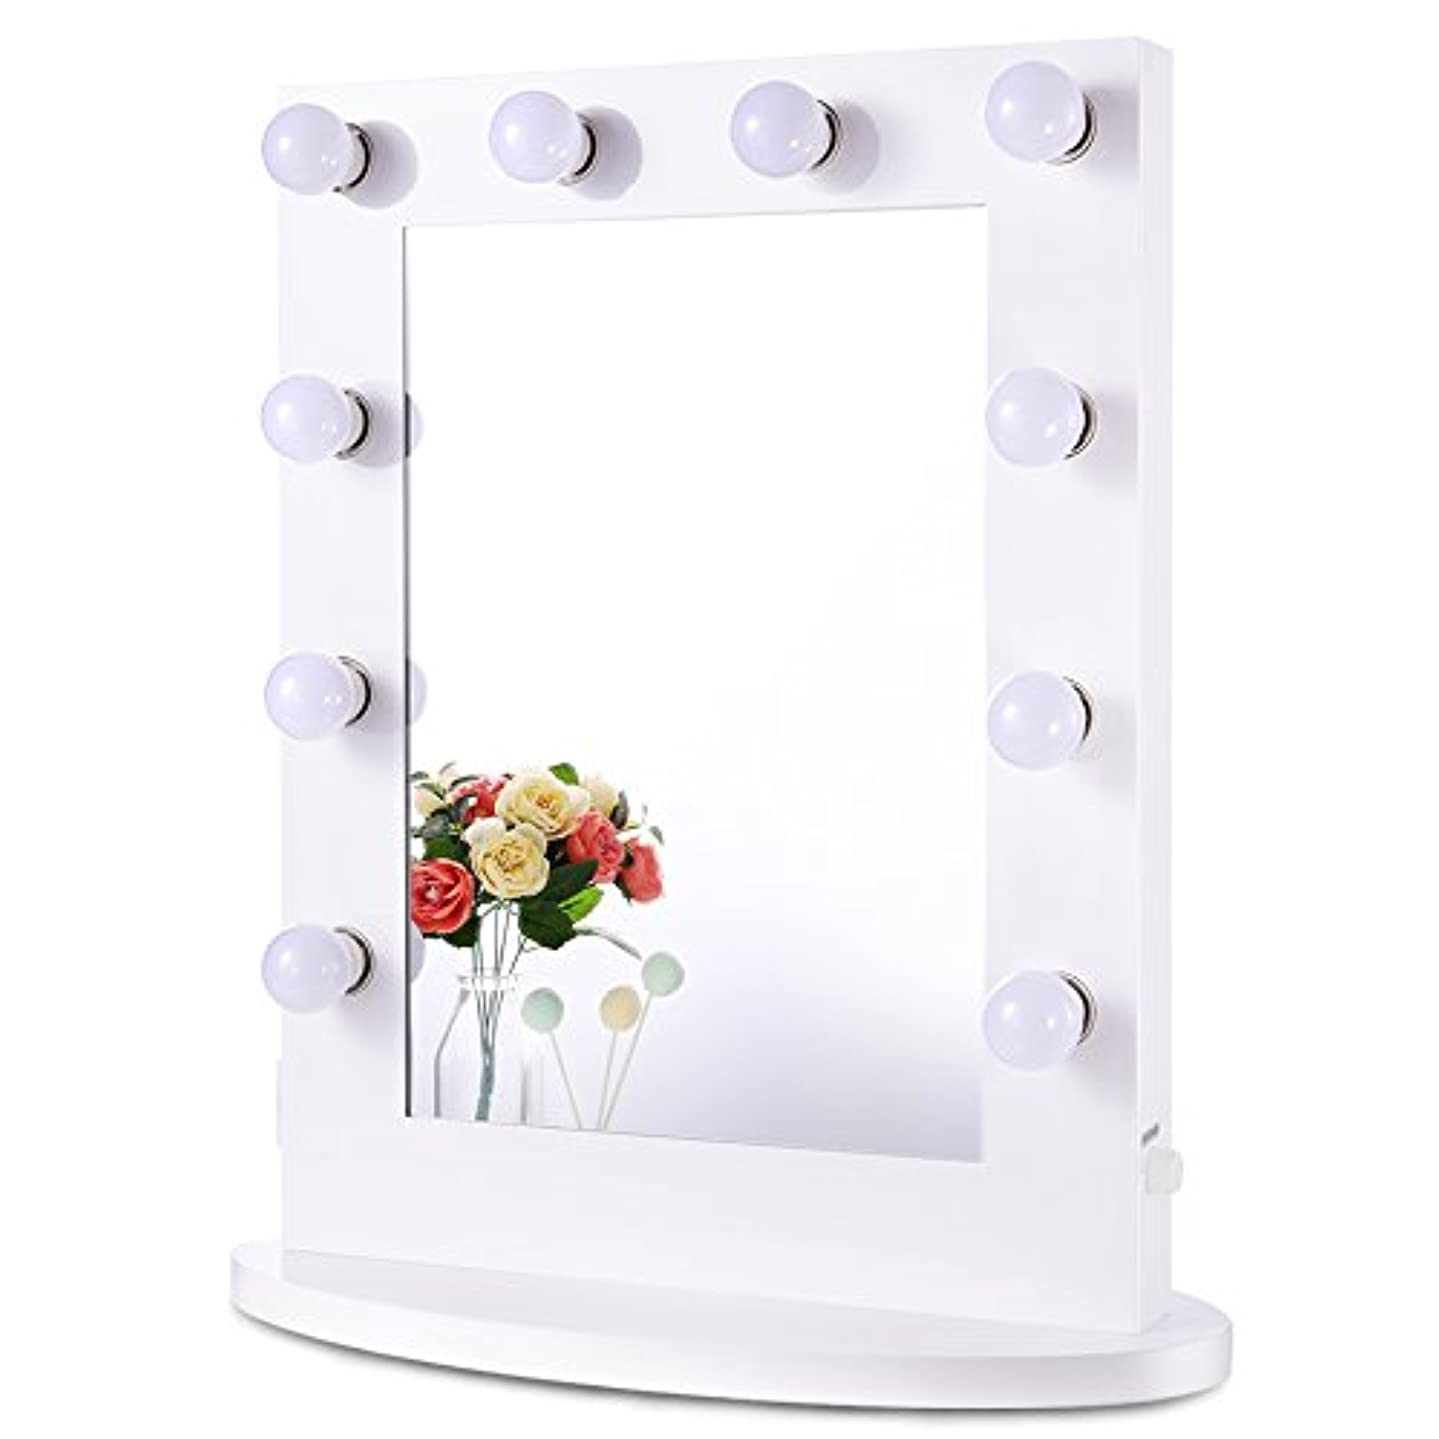 抵抗力がある精度粉砕する女優ミラー 女優鏡 大型 壁掛け LED ライト付き コンセント付き 無段階調光 化粧鏡 ハリウッドミラー ドレッサー (ホワイト) (縦型6550)